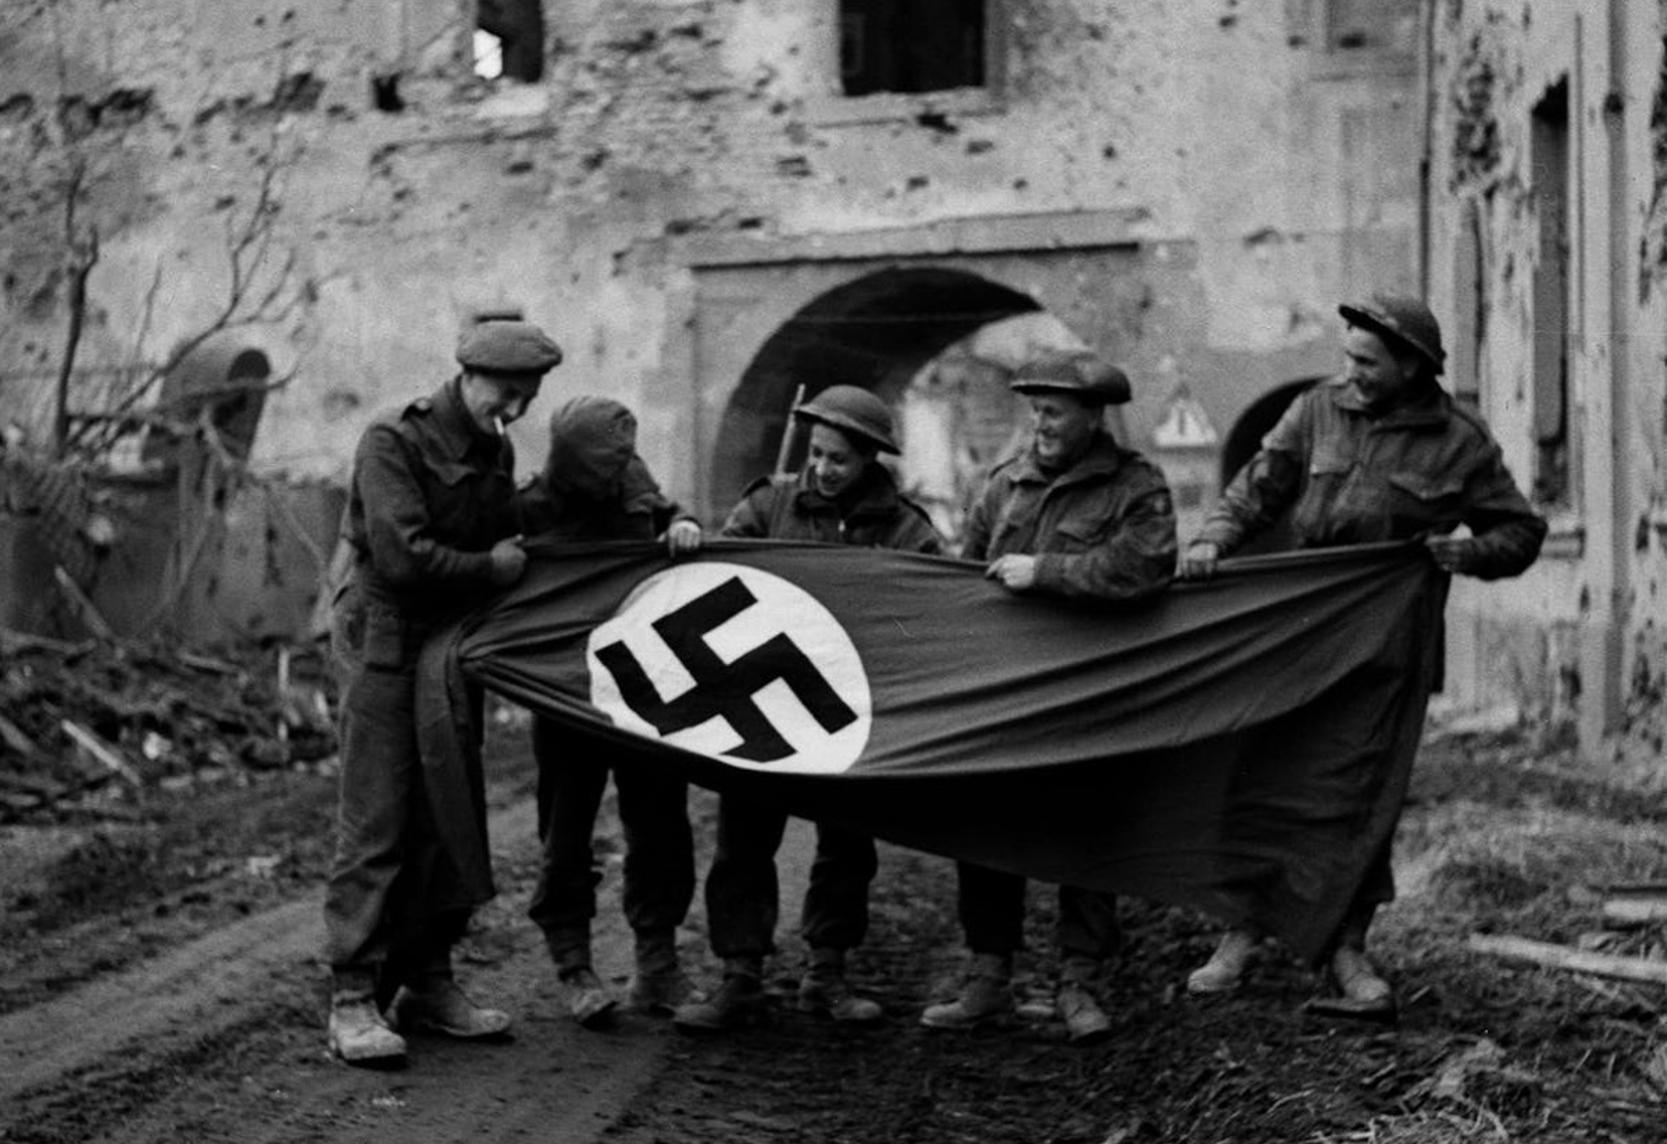 22 июня — День скорби и оказания почестей памяти жертв войны в Украине — фото 1